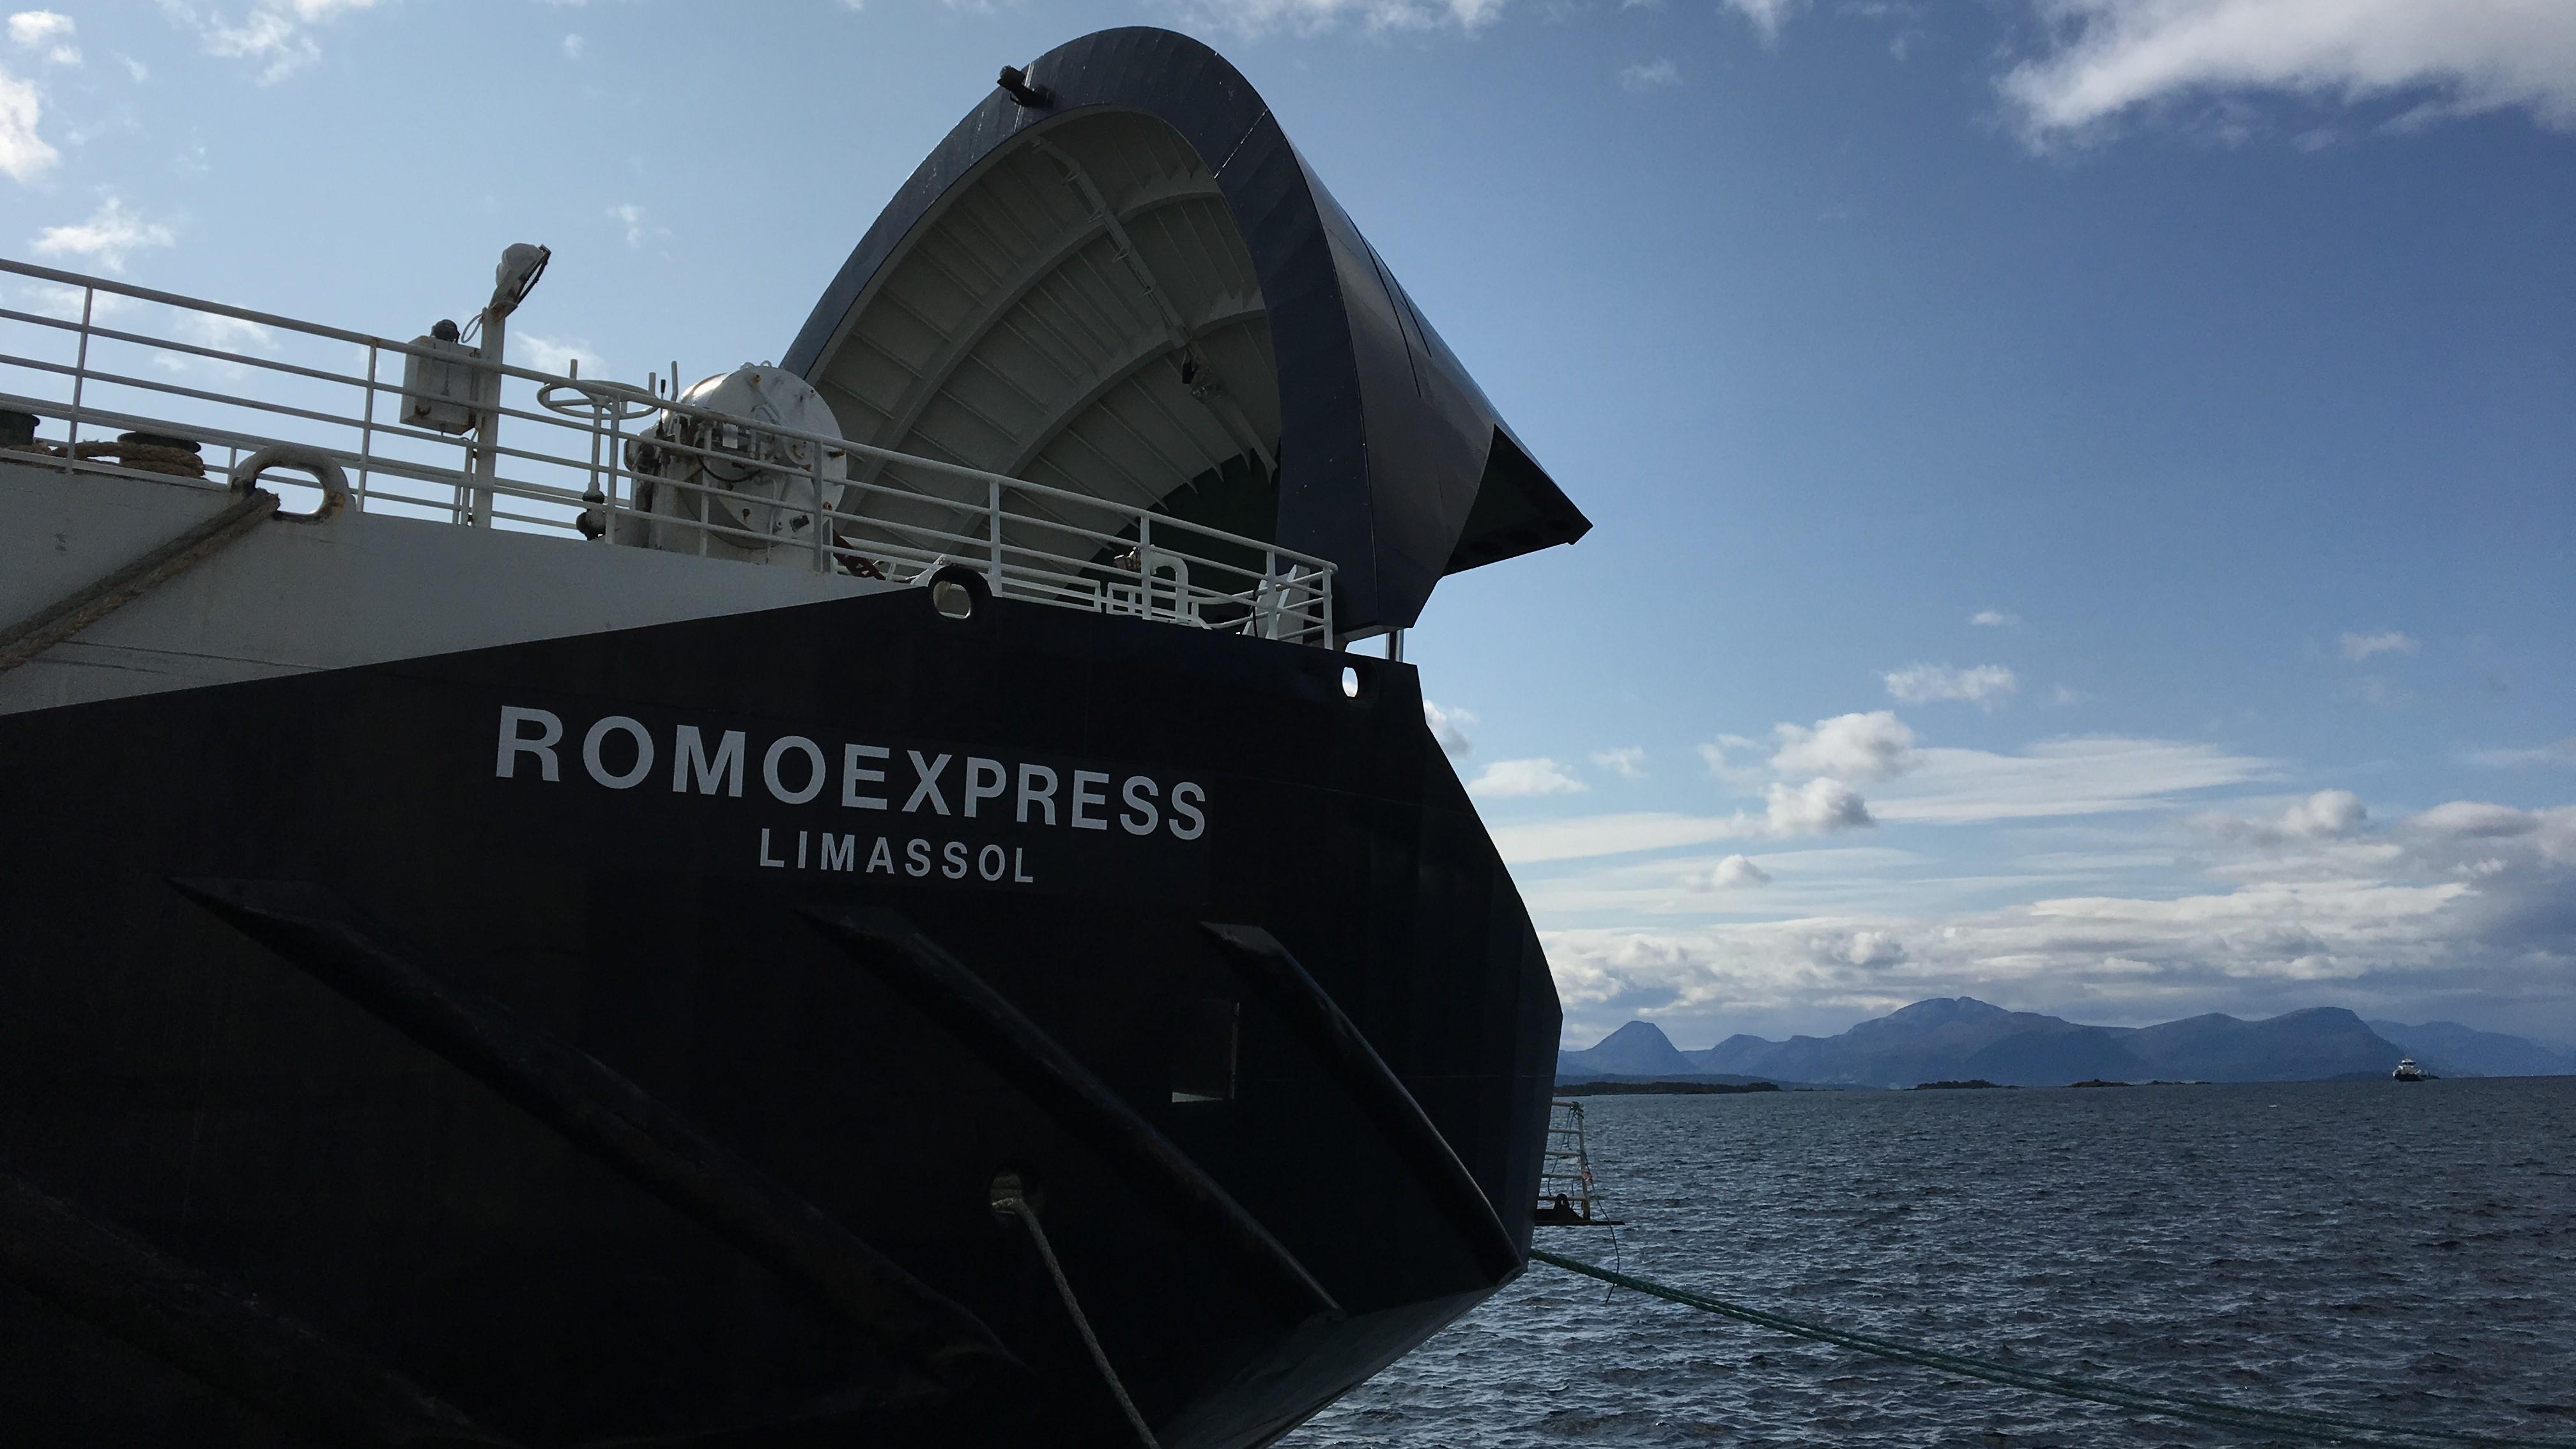 Konsequenter Weise heißt die zweite Fähre RÖMÖExpress nachdem die erste SyltExpress heißt